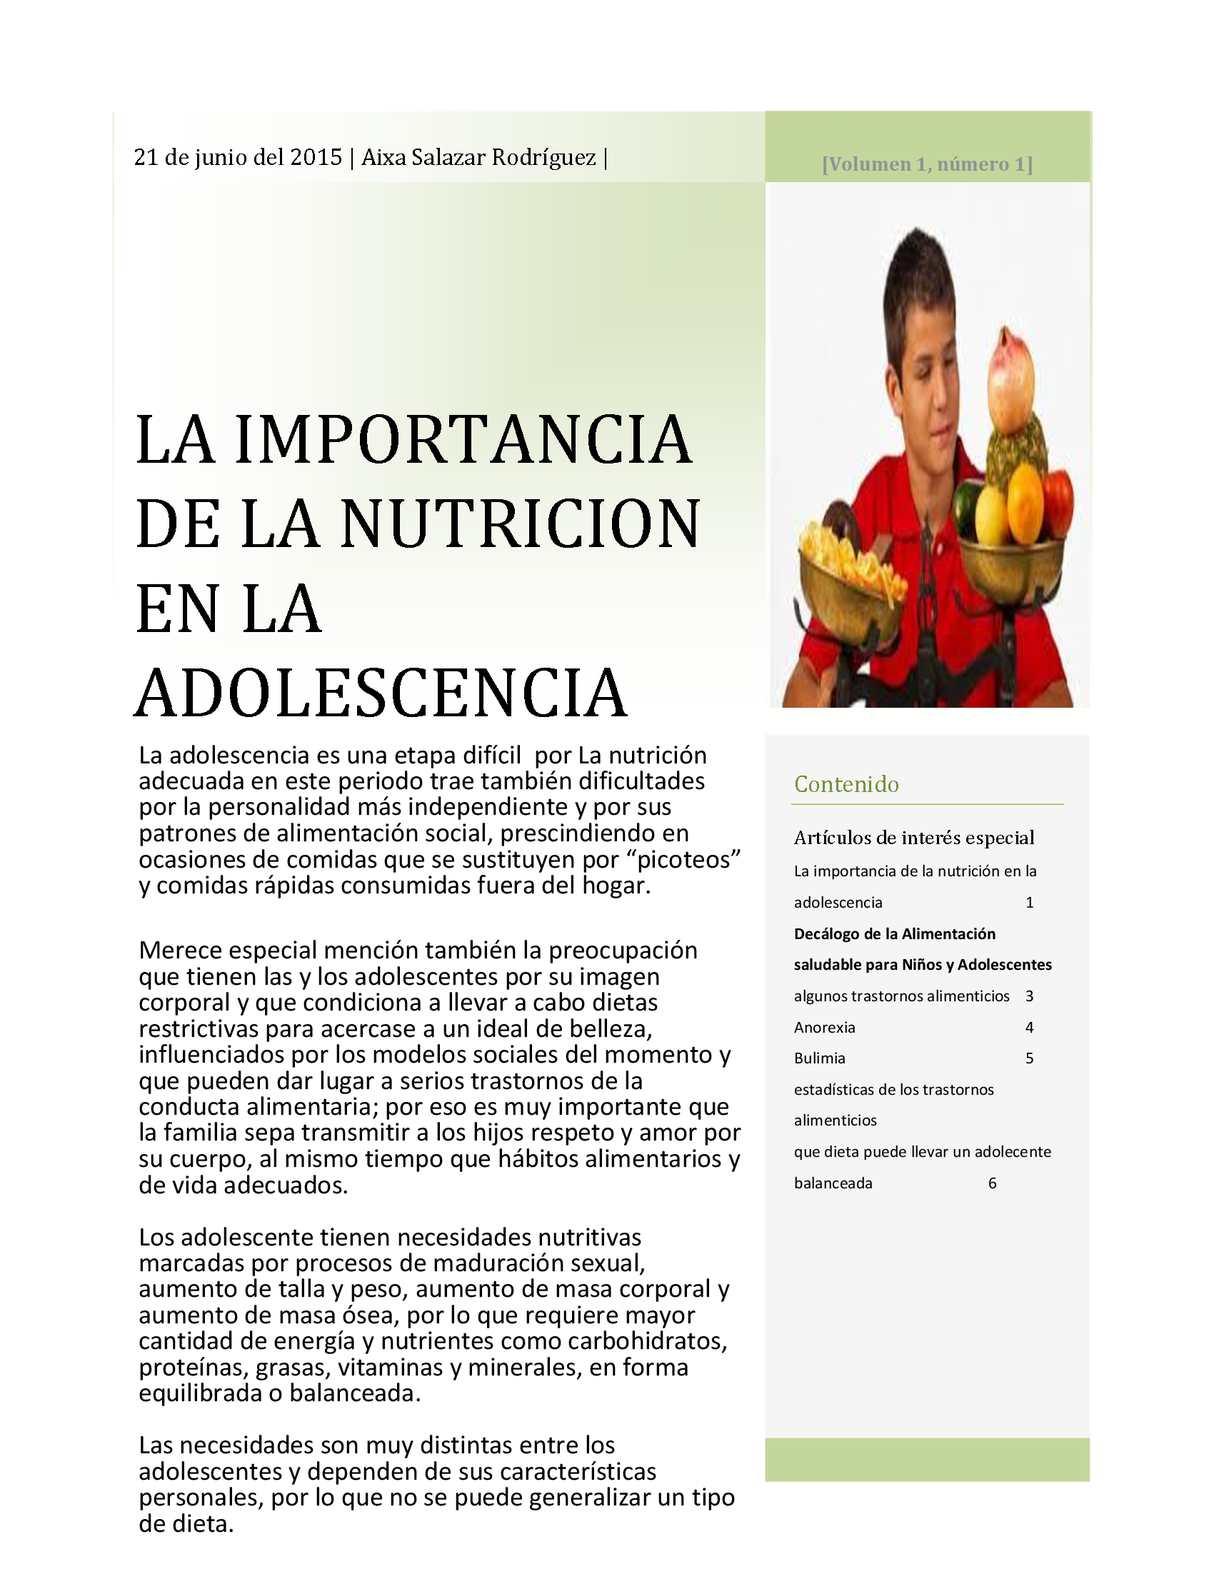 Calam o la importancia de la nutricion en la adolescencia for Que es un articulo cultural o de espectaculos